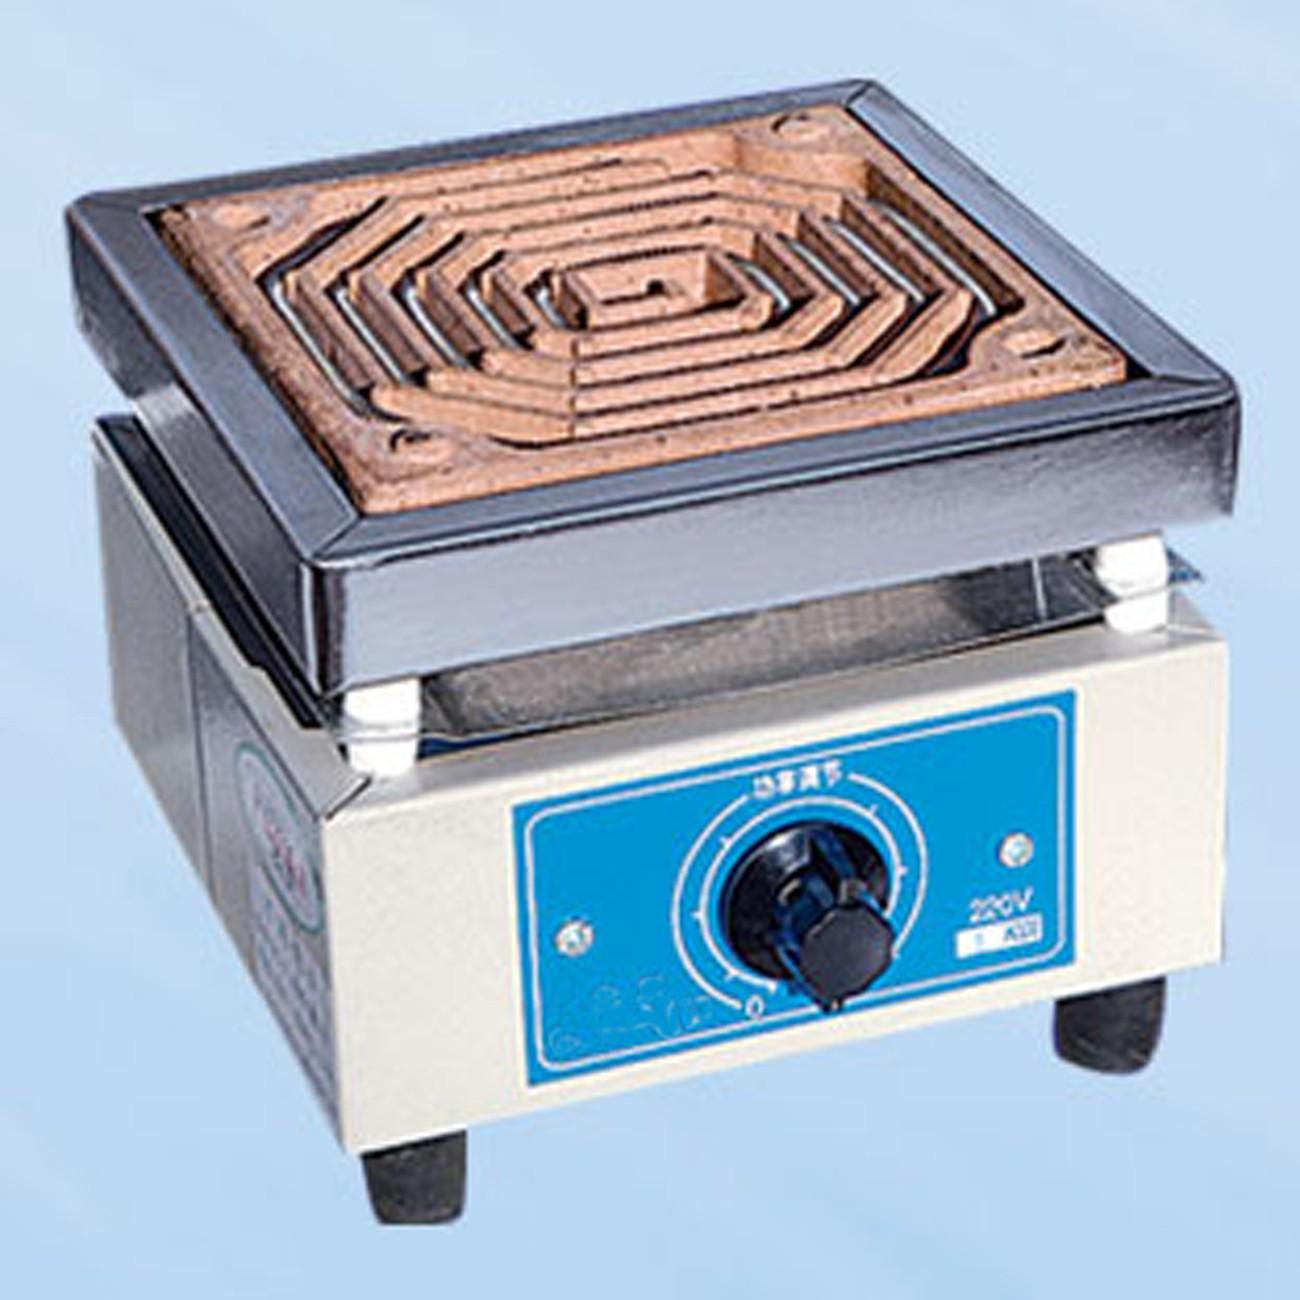 万用电炉--青岛科嘉实验室设备有限公司